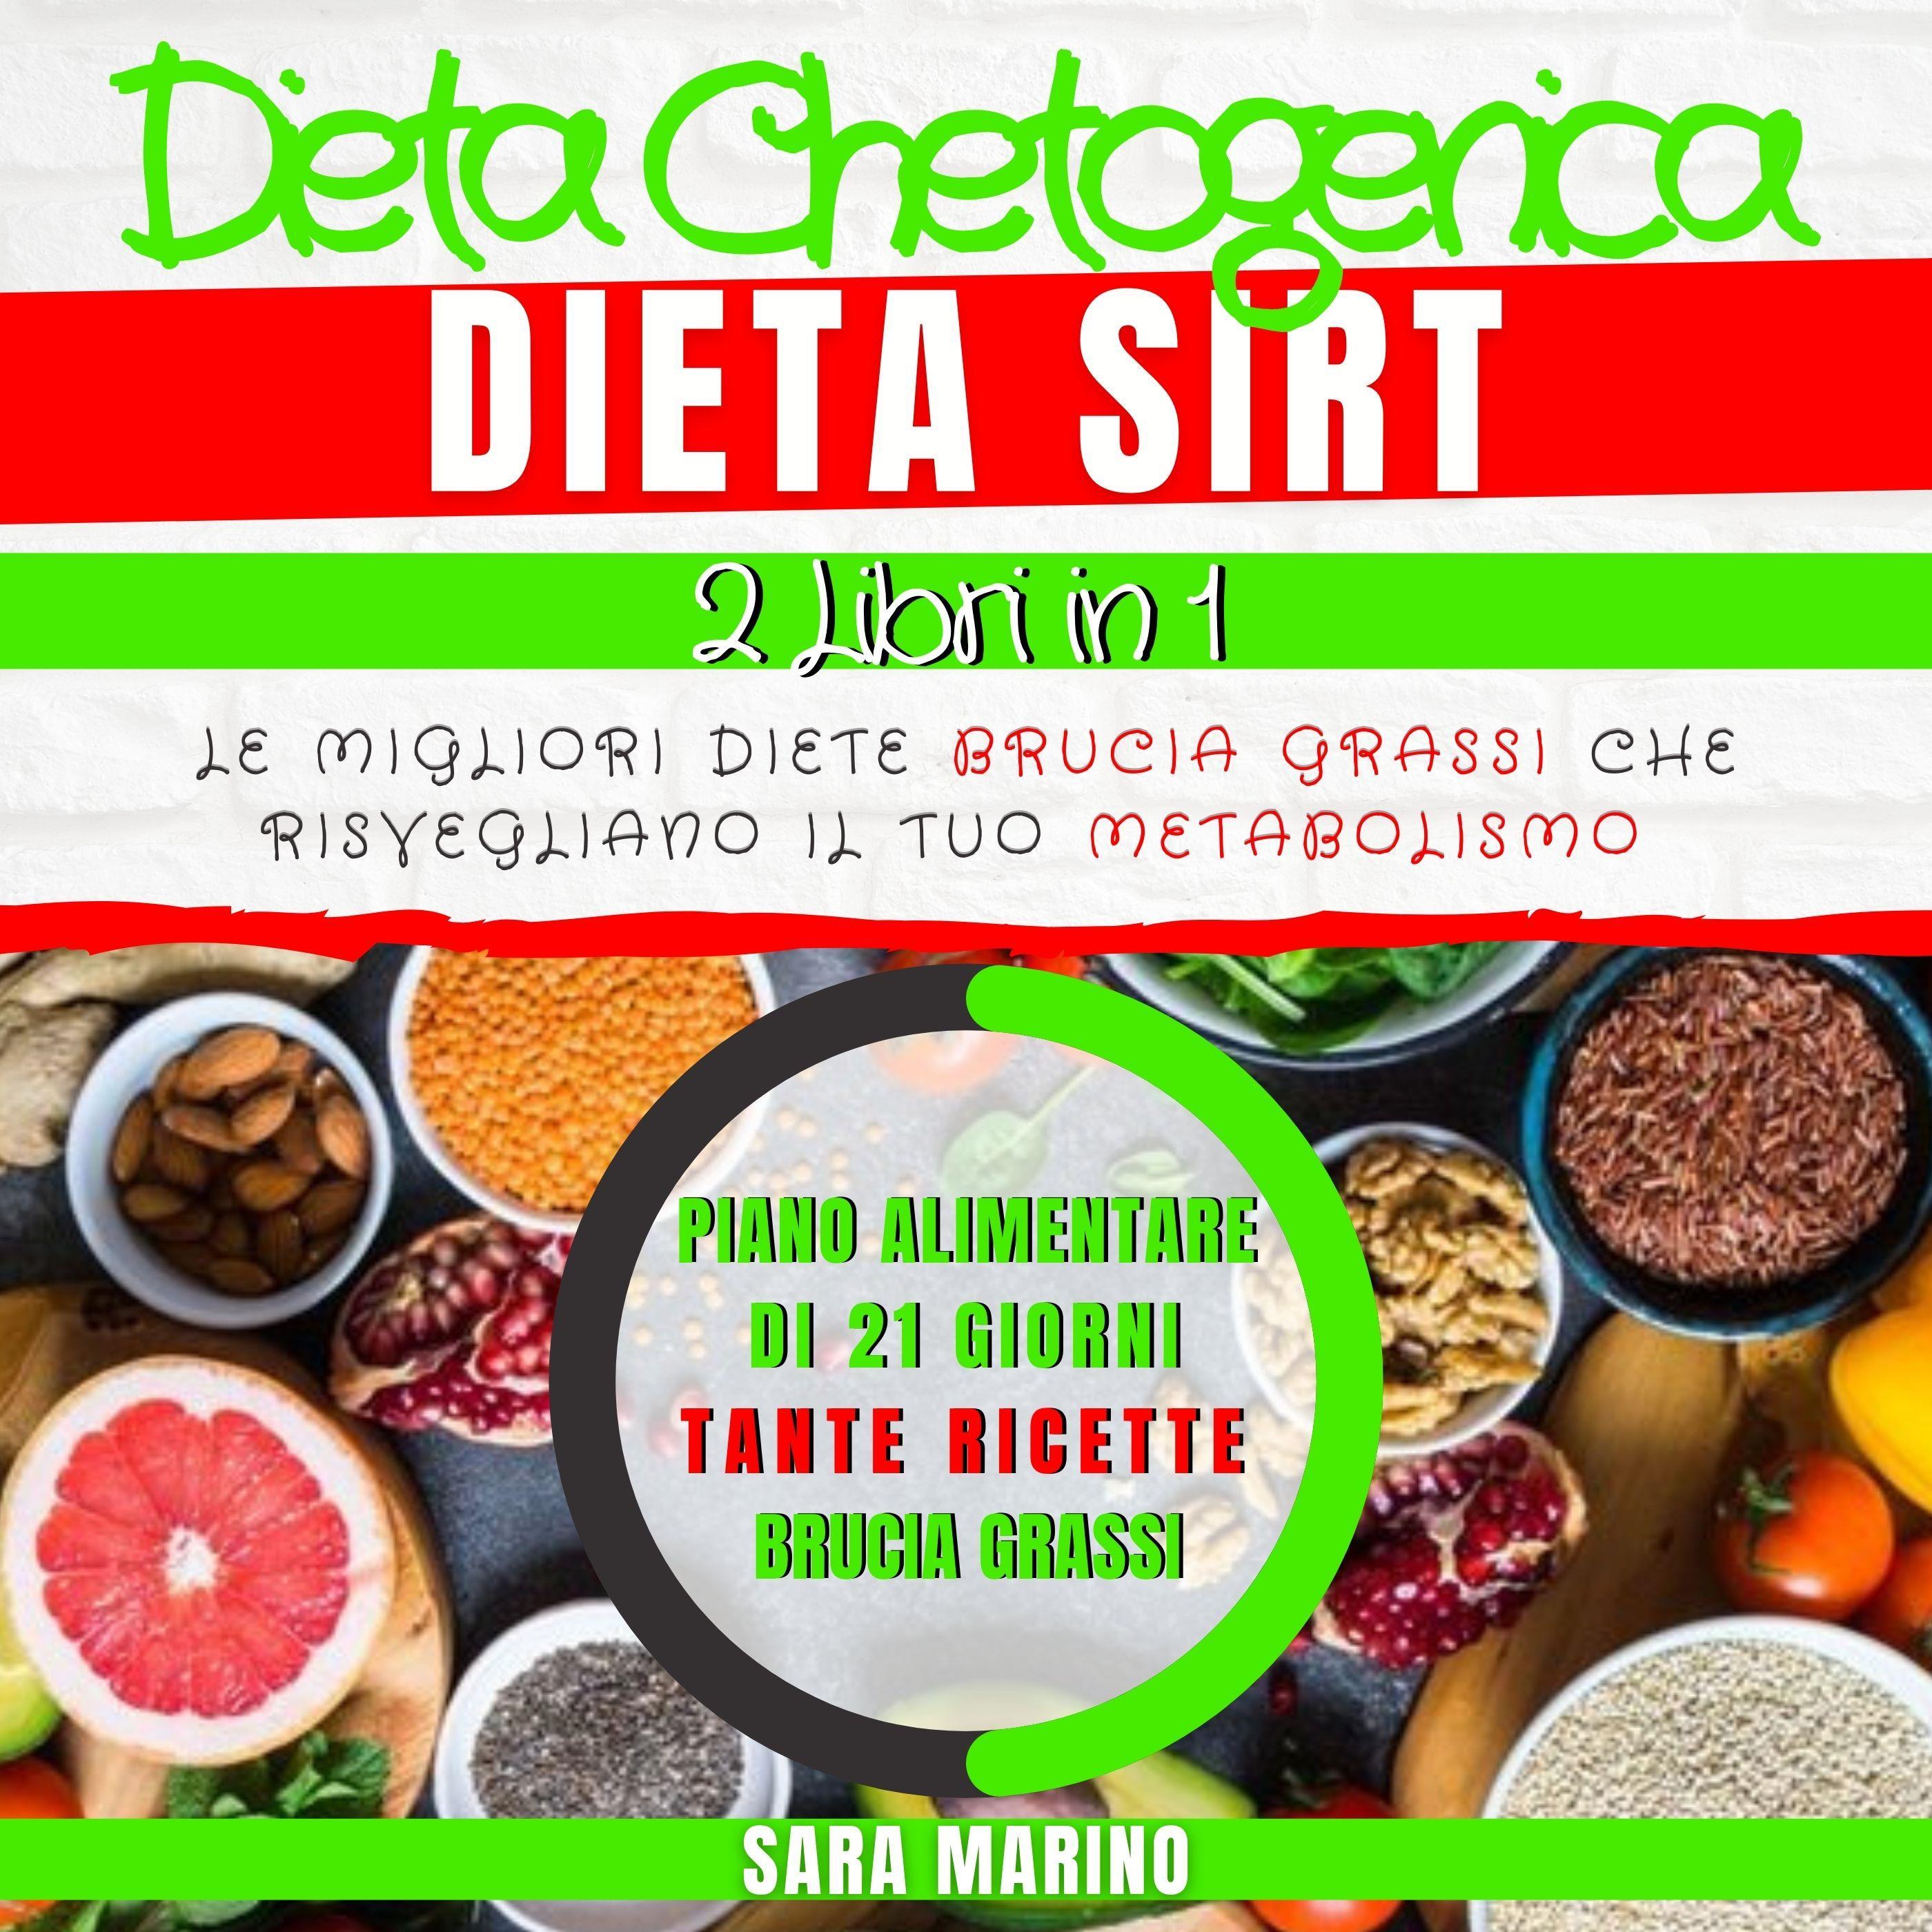 Dieta Chetogenica e Dieta Sirt 2 in 1